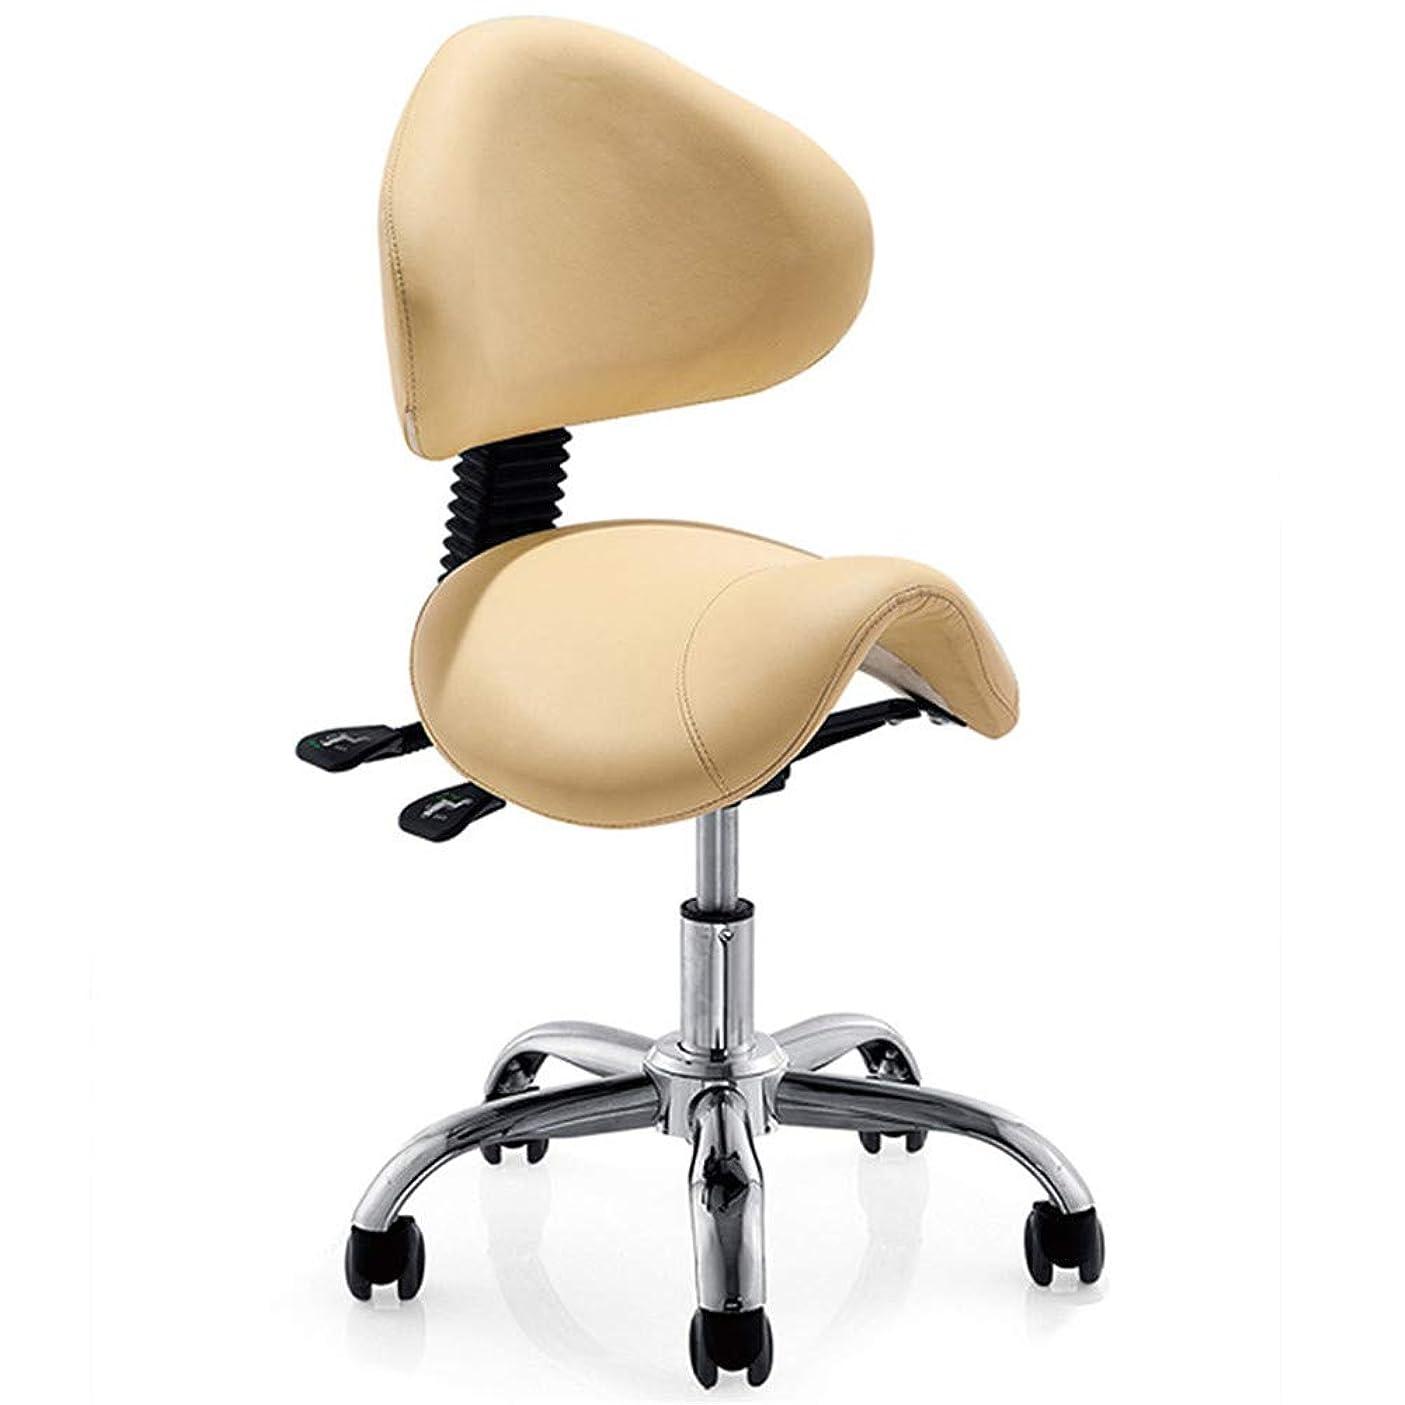 アルバムリボン結婚式サロンチェア油圧理髪店チェアサロンスパモデリングチェアファッションエレガントなデザイン回転可能な調節可能な高さ取り外し可能な背もたれ5ローラー,Yellow